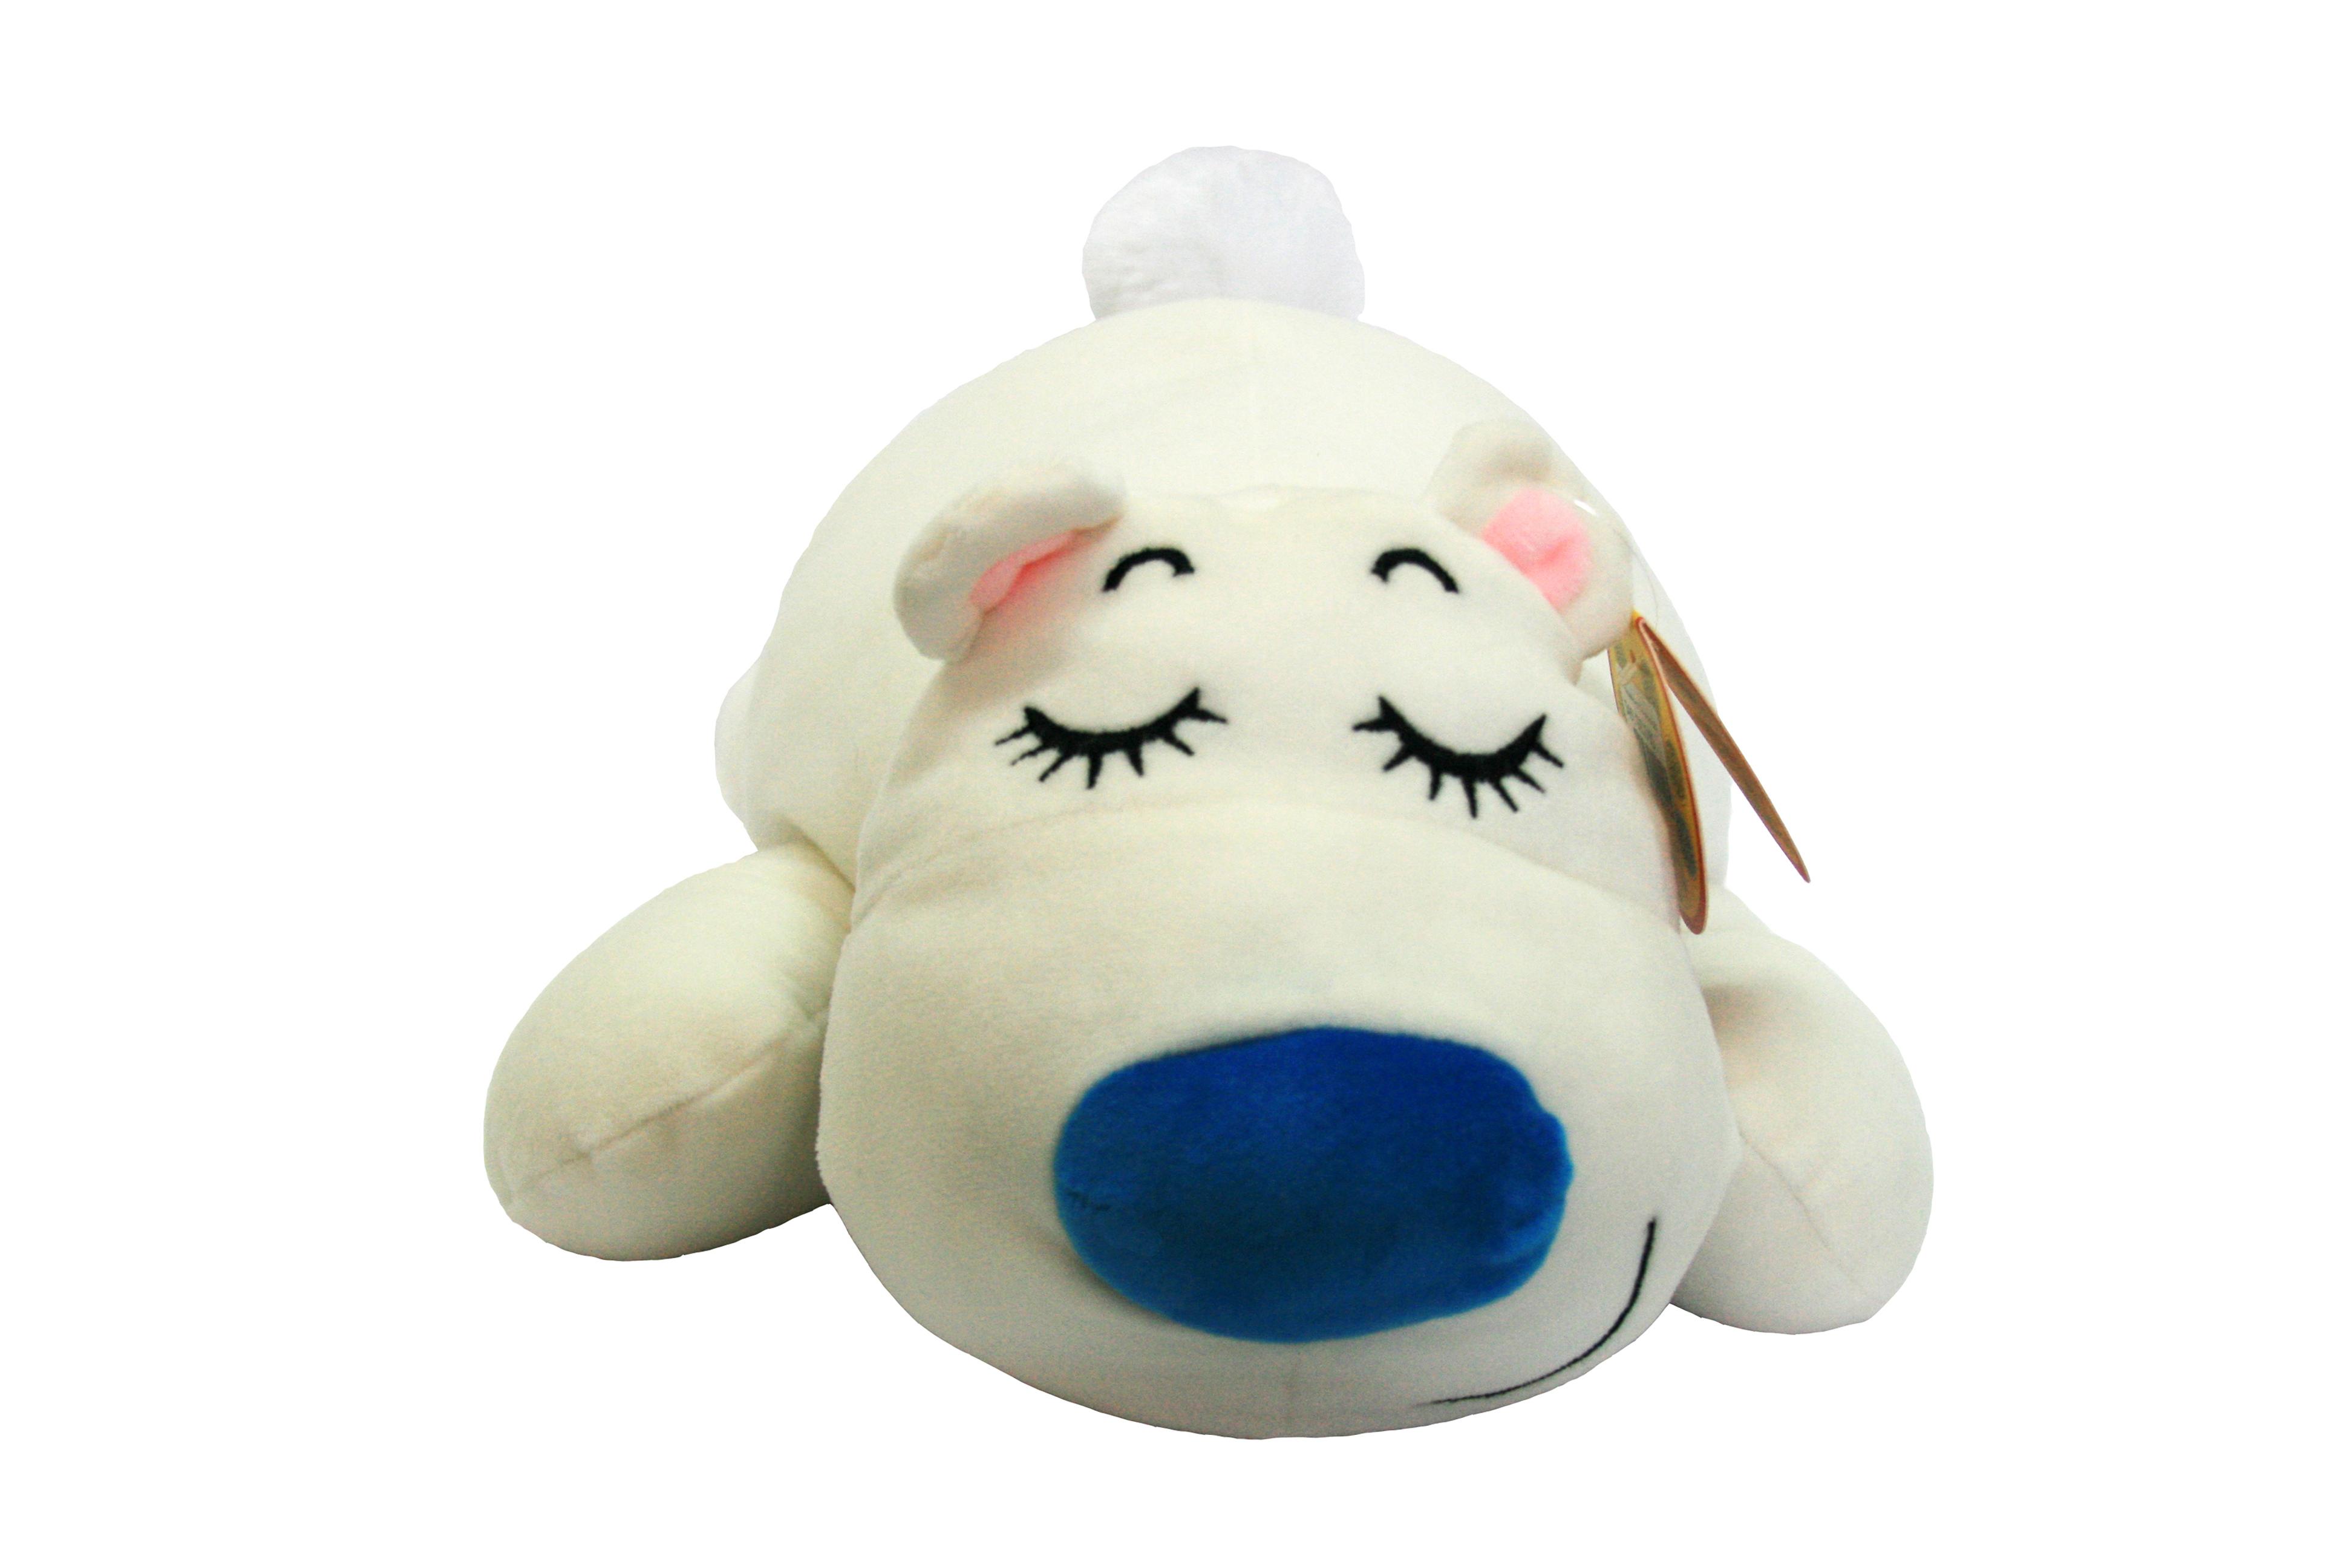 Мягкие игрушки СмолТойс «Медвежонок Слиппи» мягкая игрушка смолтойс зайка даша 53 см